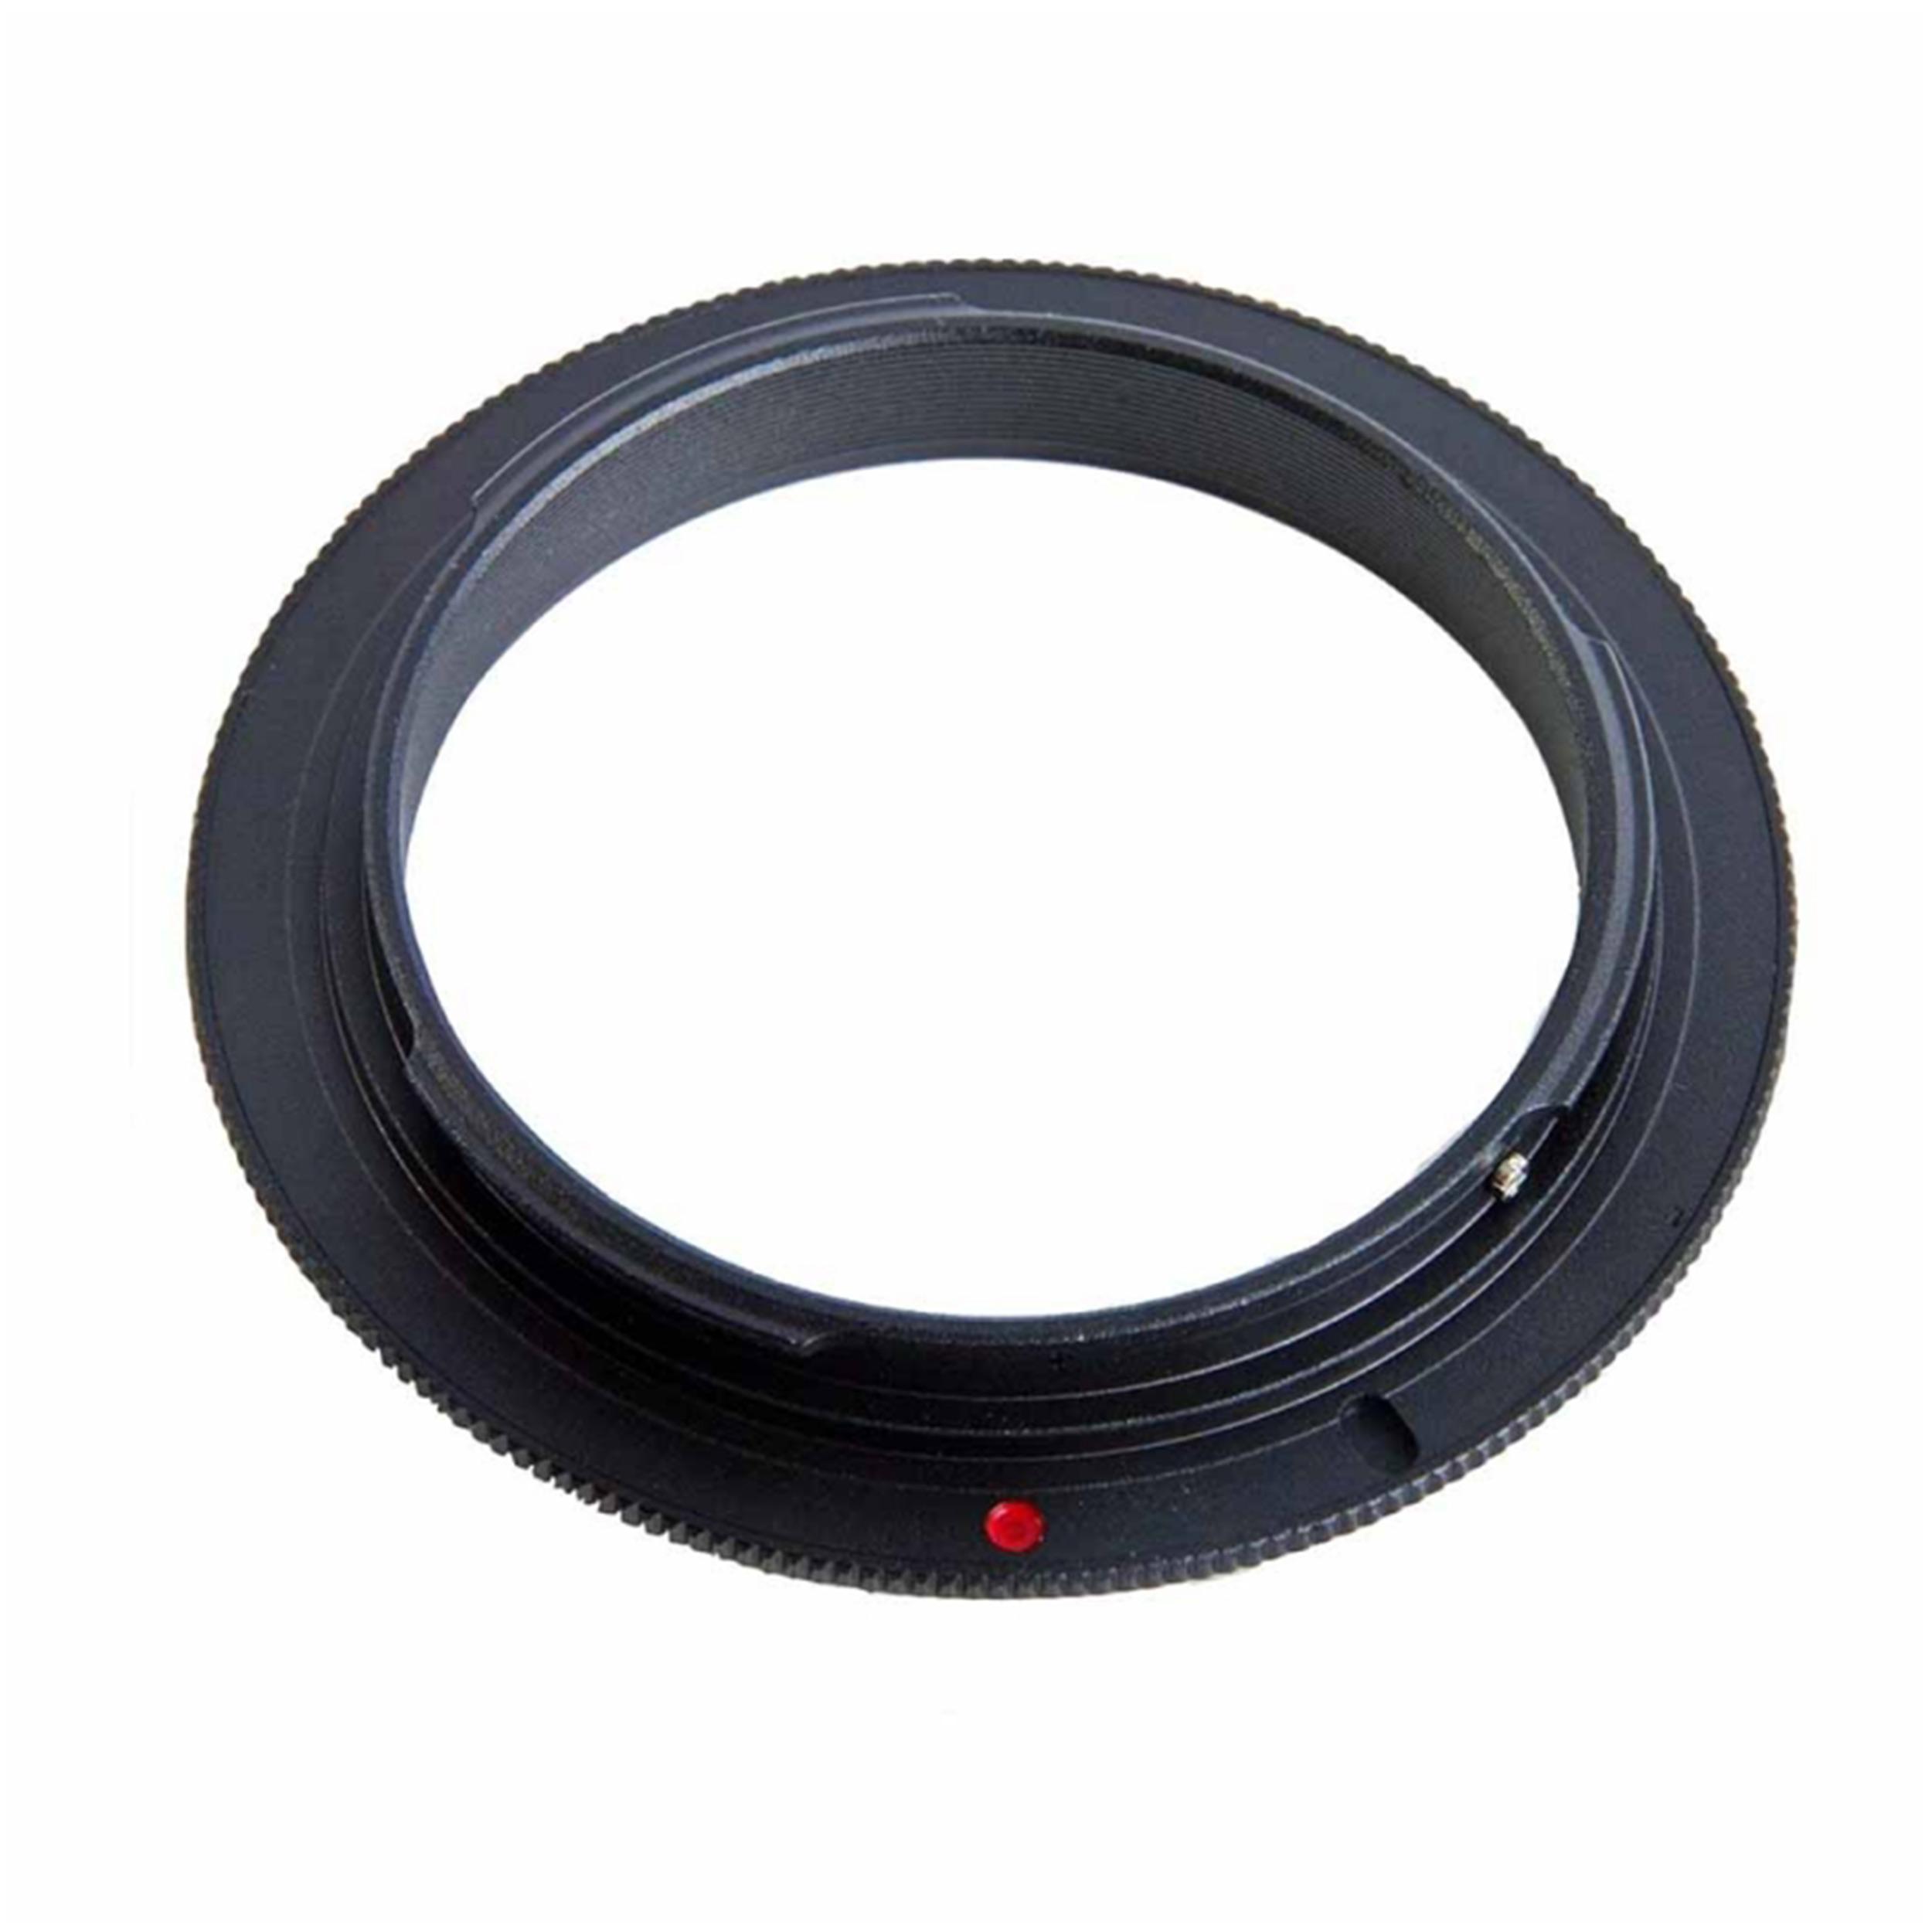 رینگ معکوس مدل EOS مناسب برای دهانه لنز 72 میلیمتر برای کانن